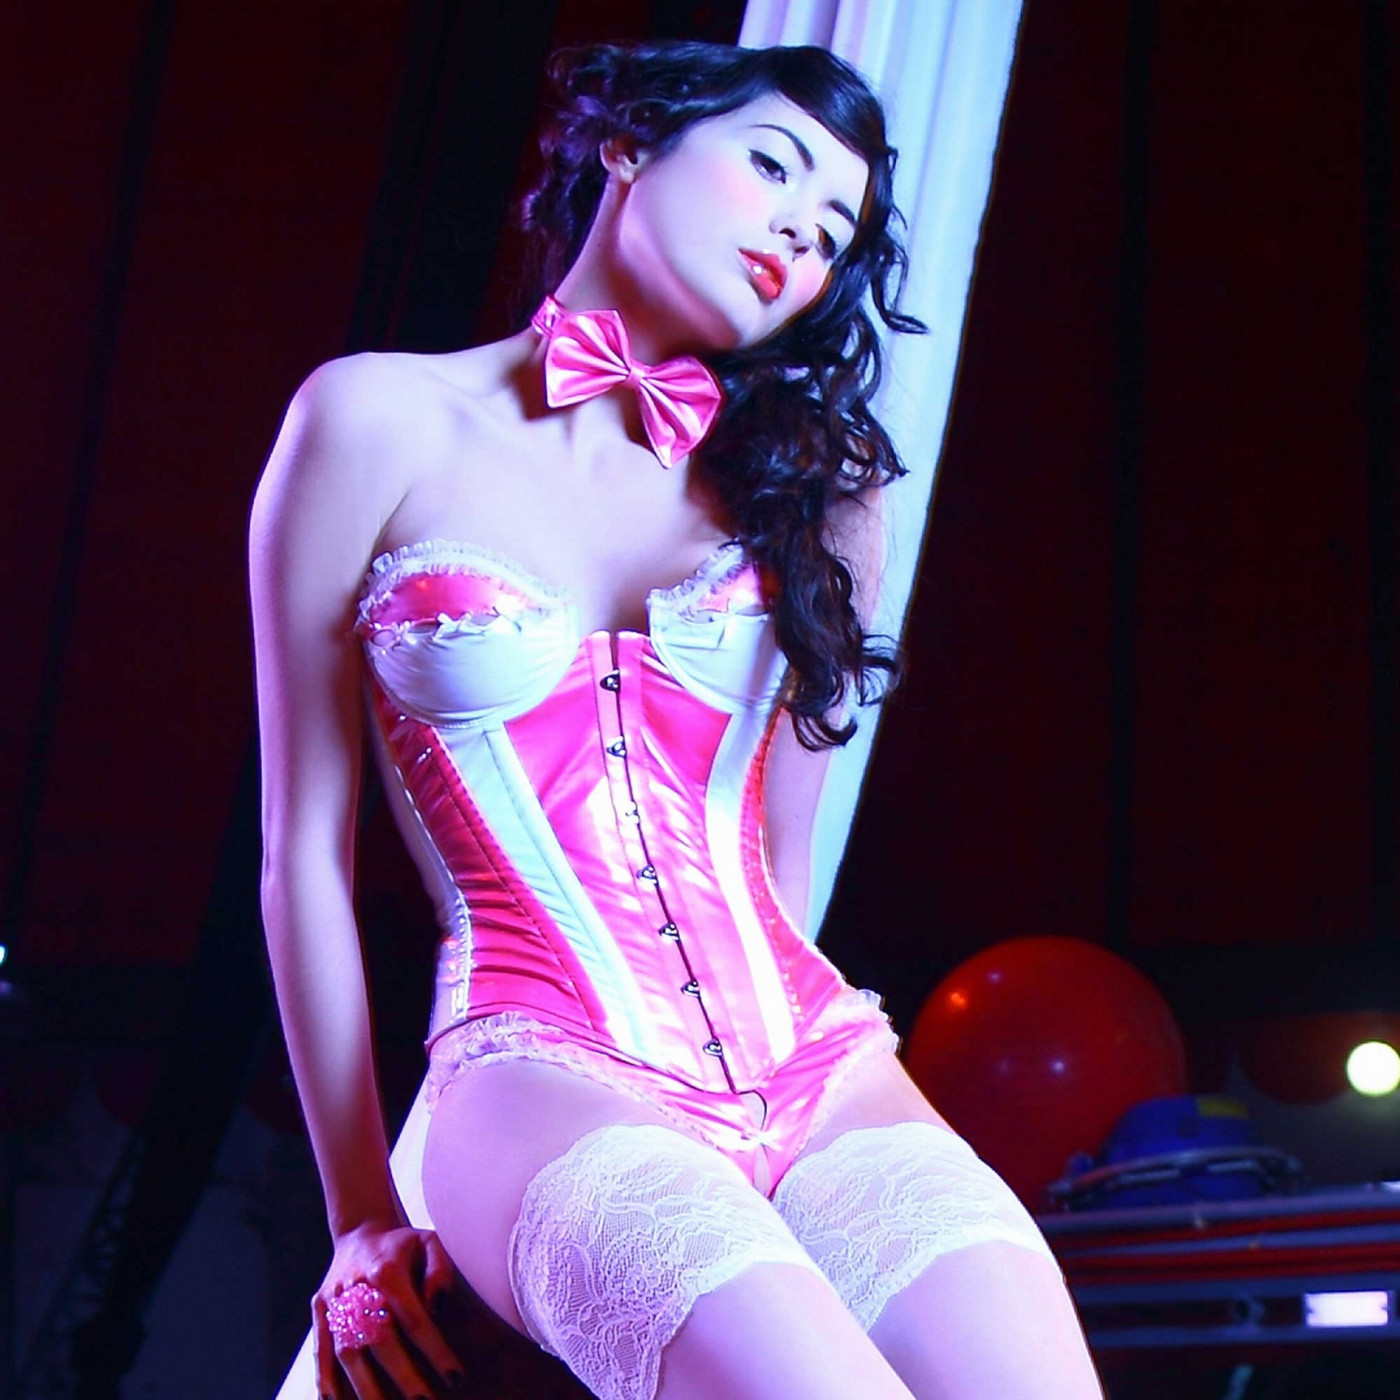 Betise, pink & white vinyl thong - Patrice Catanzaro